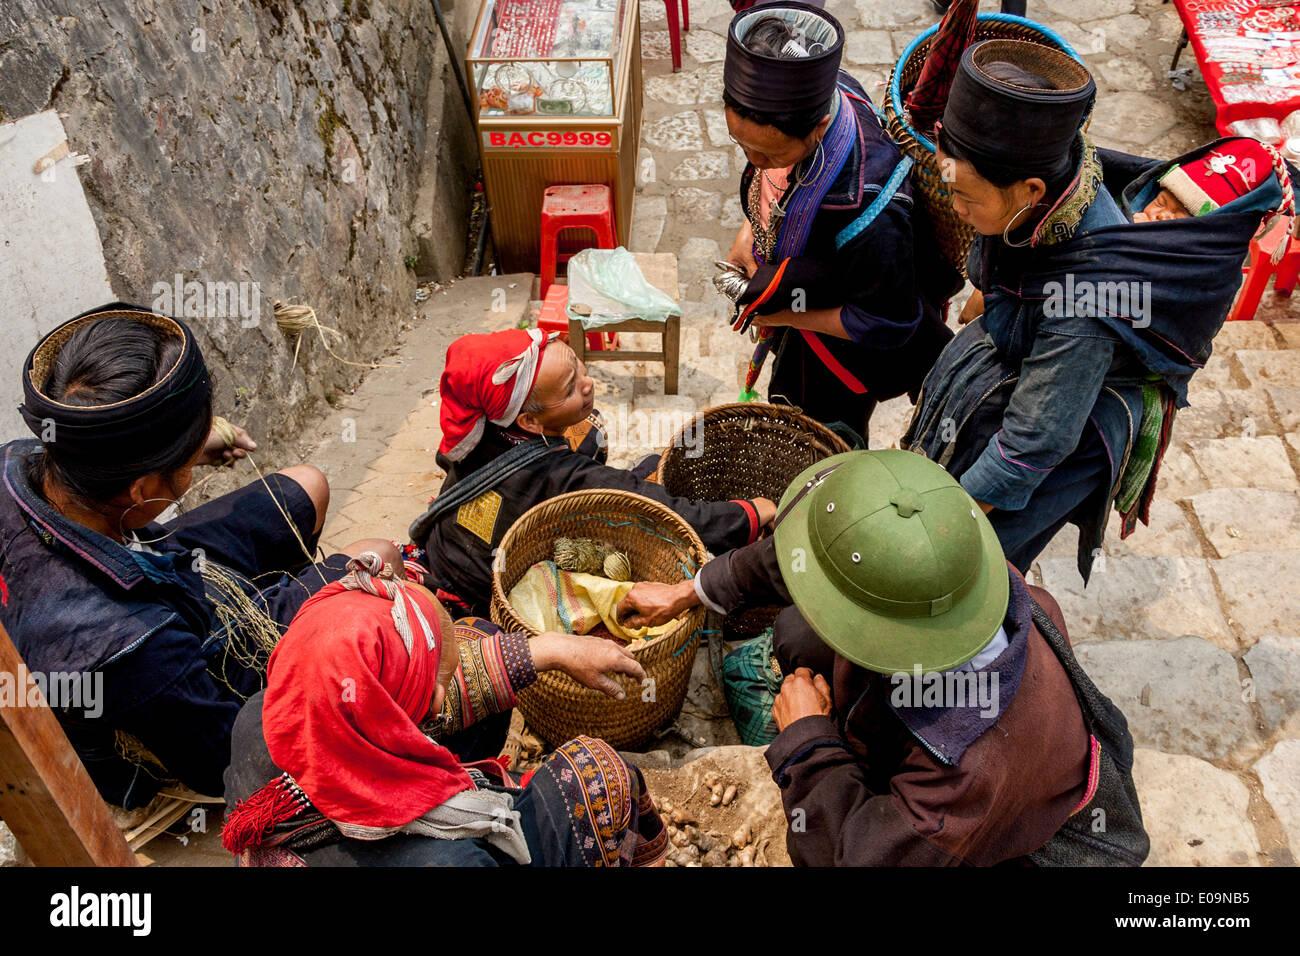 Las mujeres de los Hmong negro y rojo de las tribus montañesas de Dao en el mercado de Sa Pa, provincia de Lao Cai, Vietnam Imagen De Stock